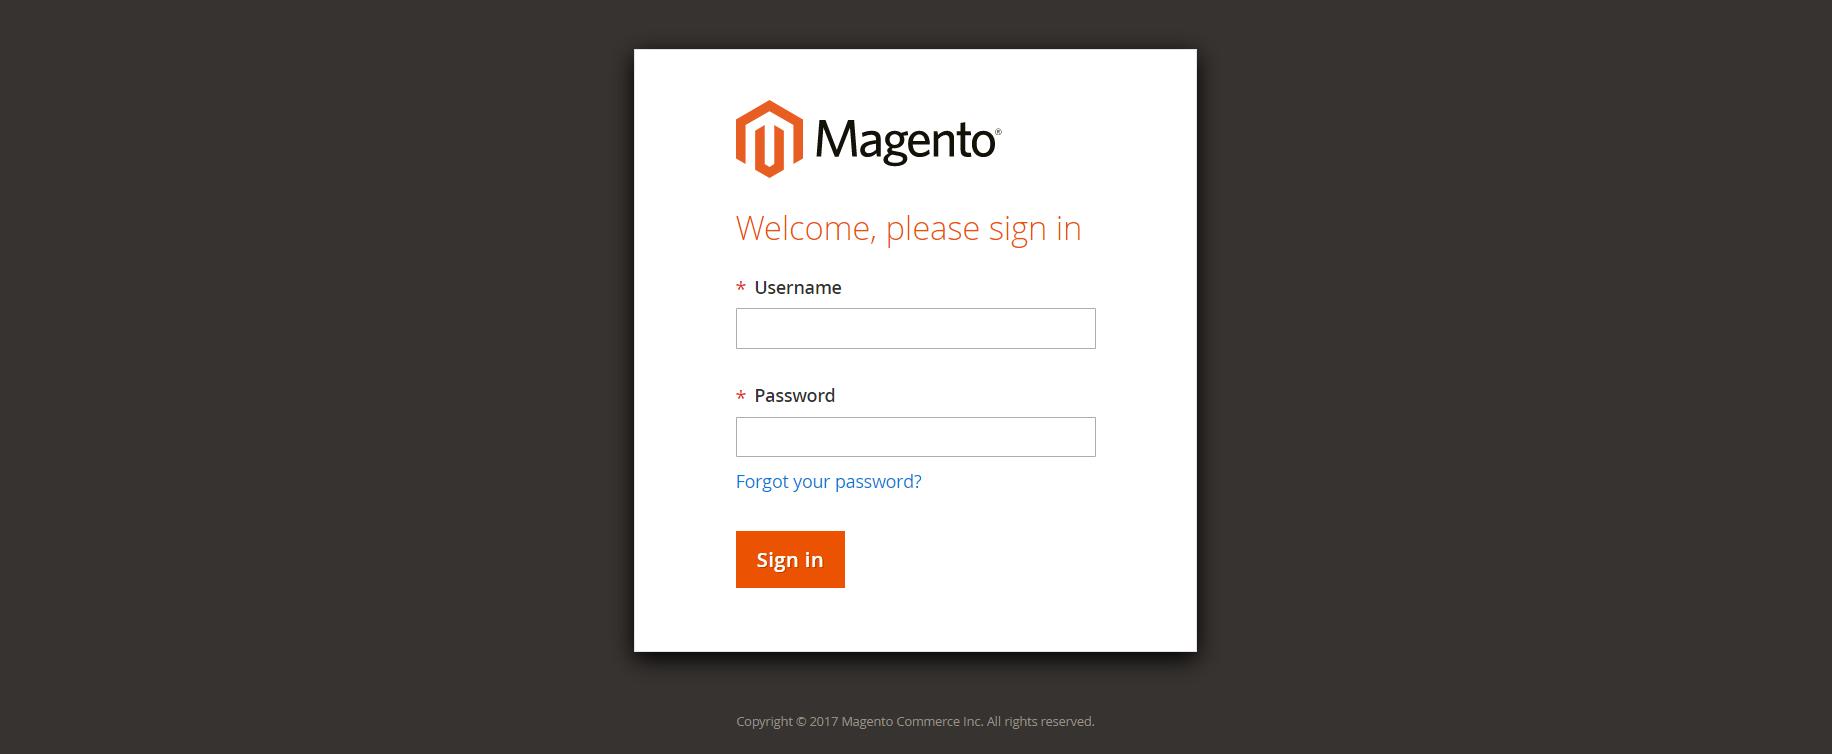 تسجيل الدخول الى لوحة التحكم (Admin Sign In) فى ماجنتو 2